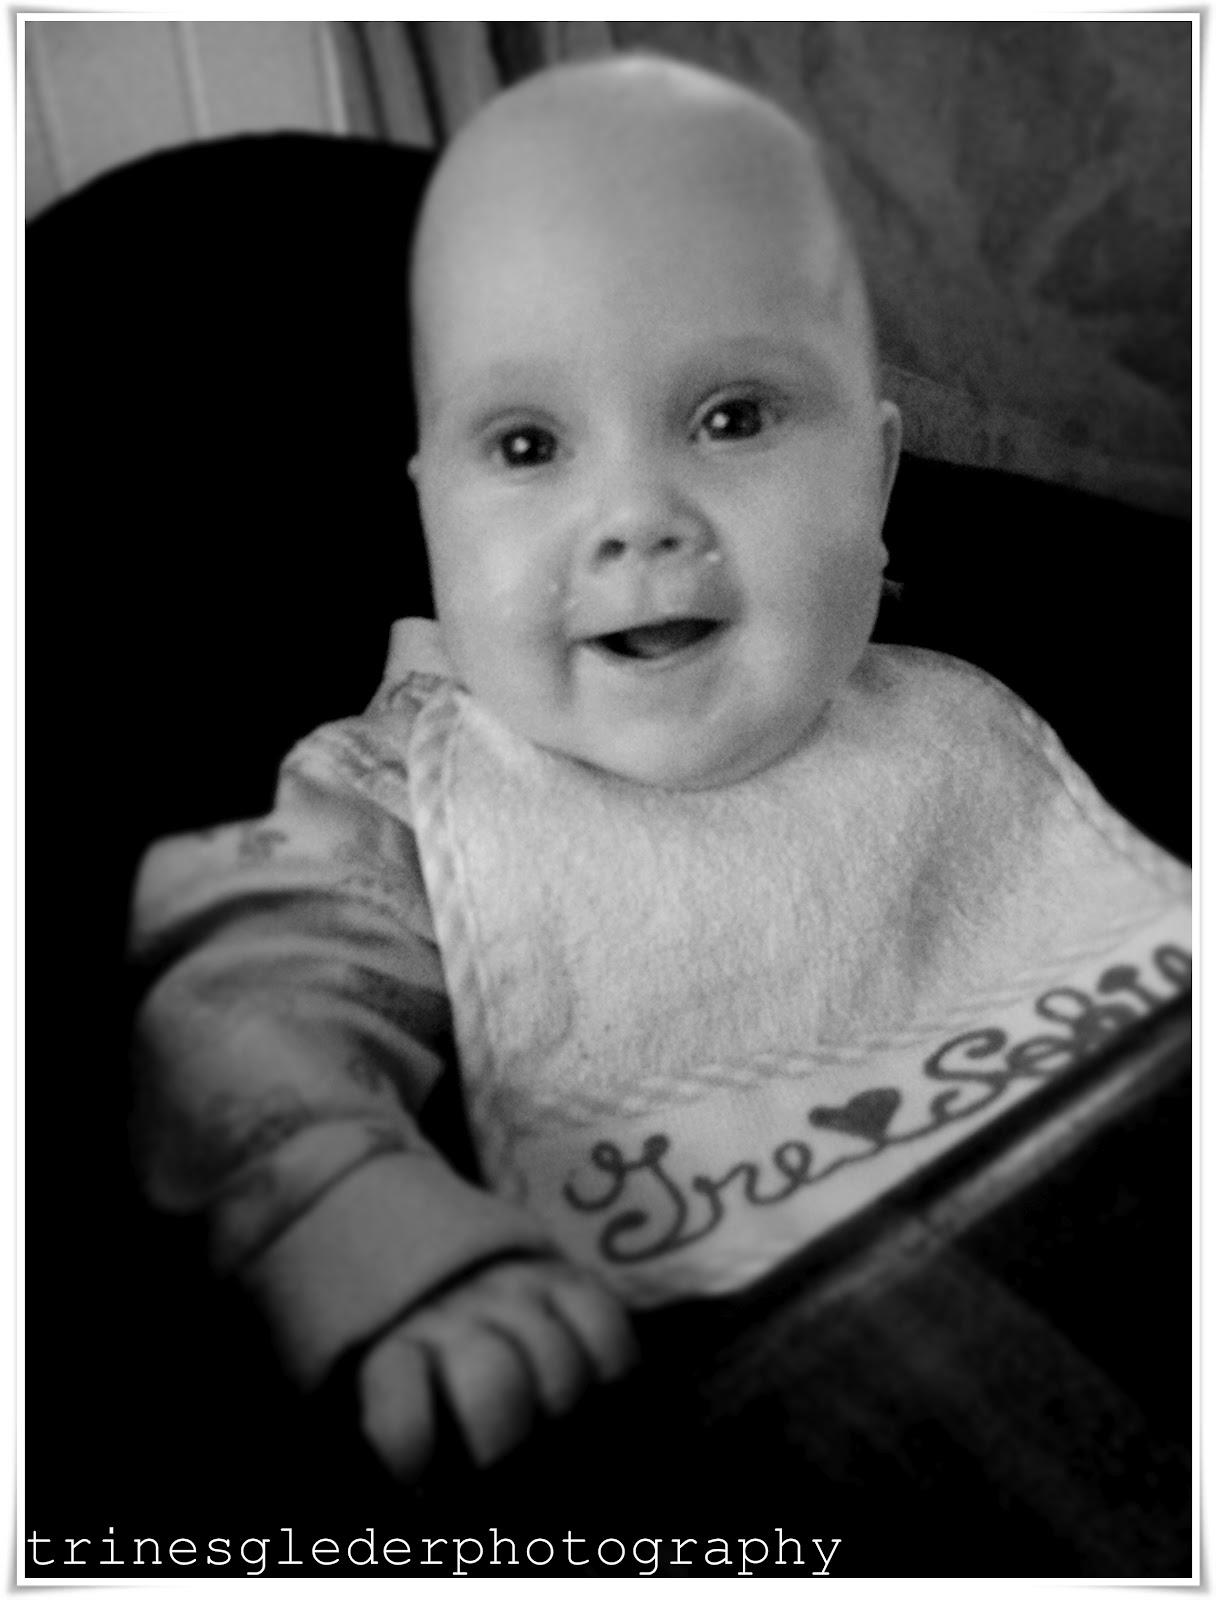 Trines gleder: baby vs interi?r